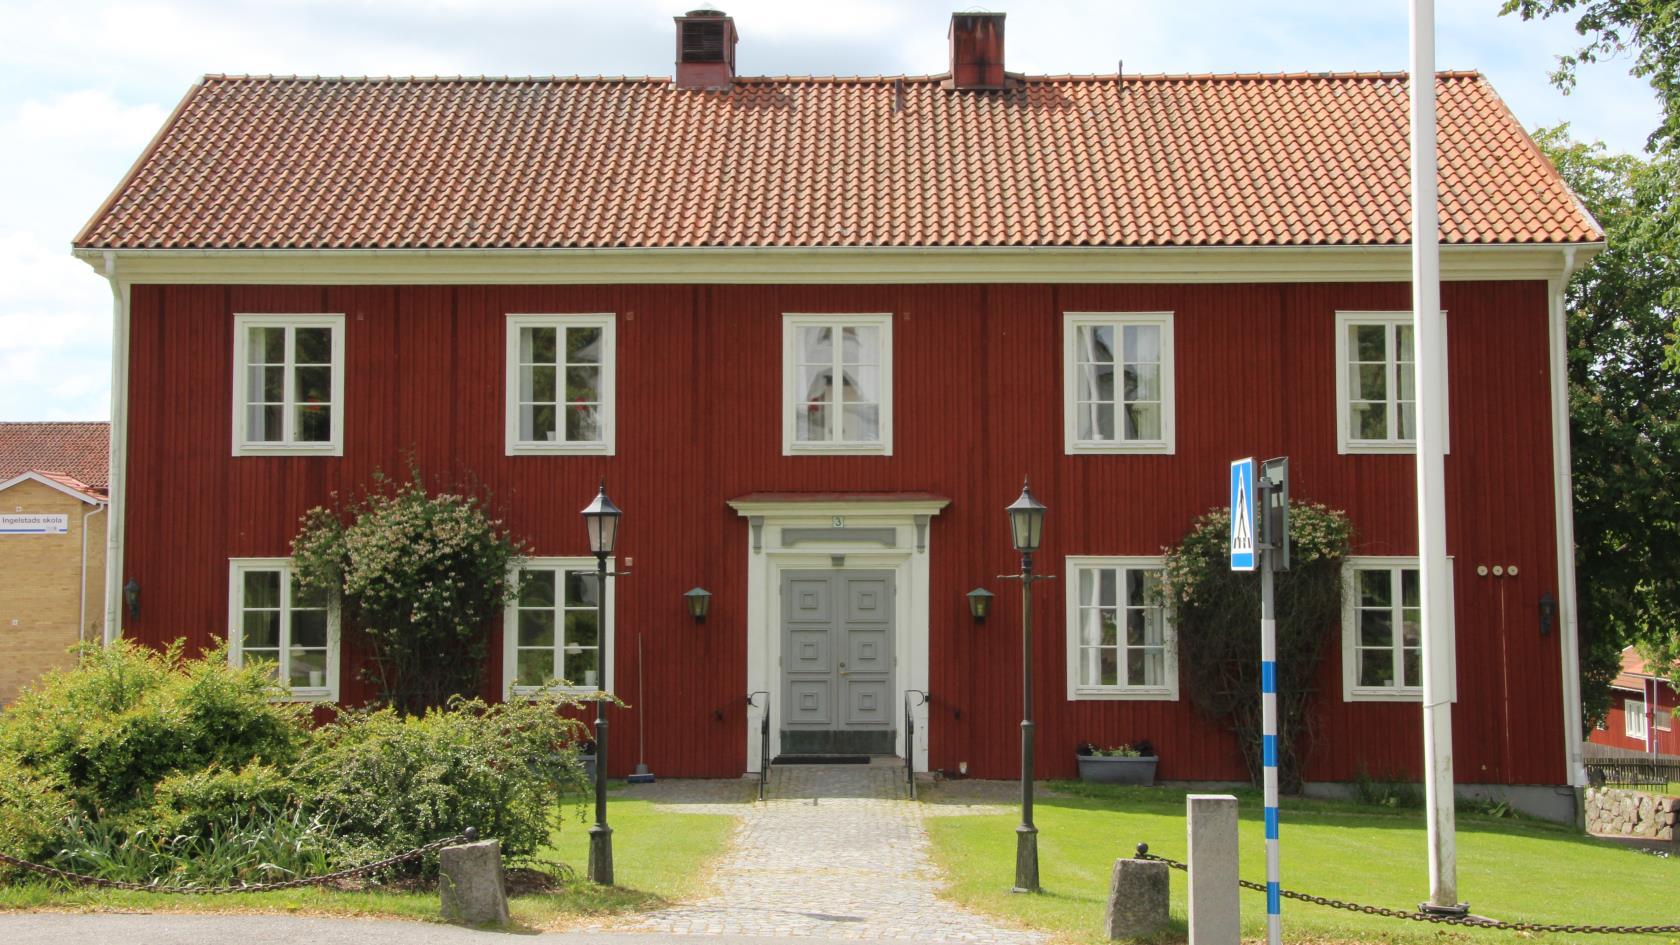 mötesplatser för äldre i östra torsås